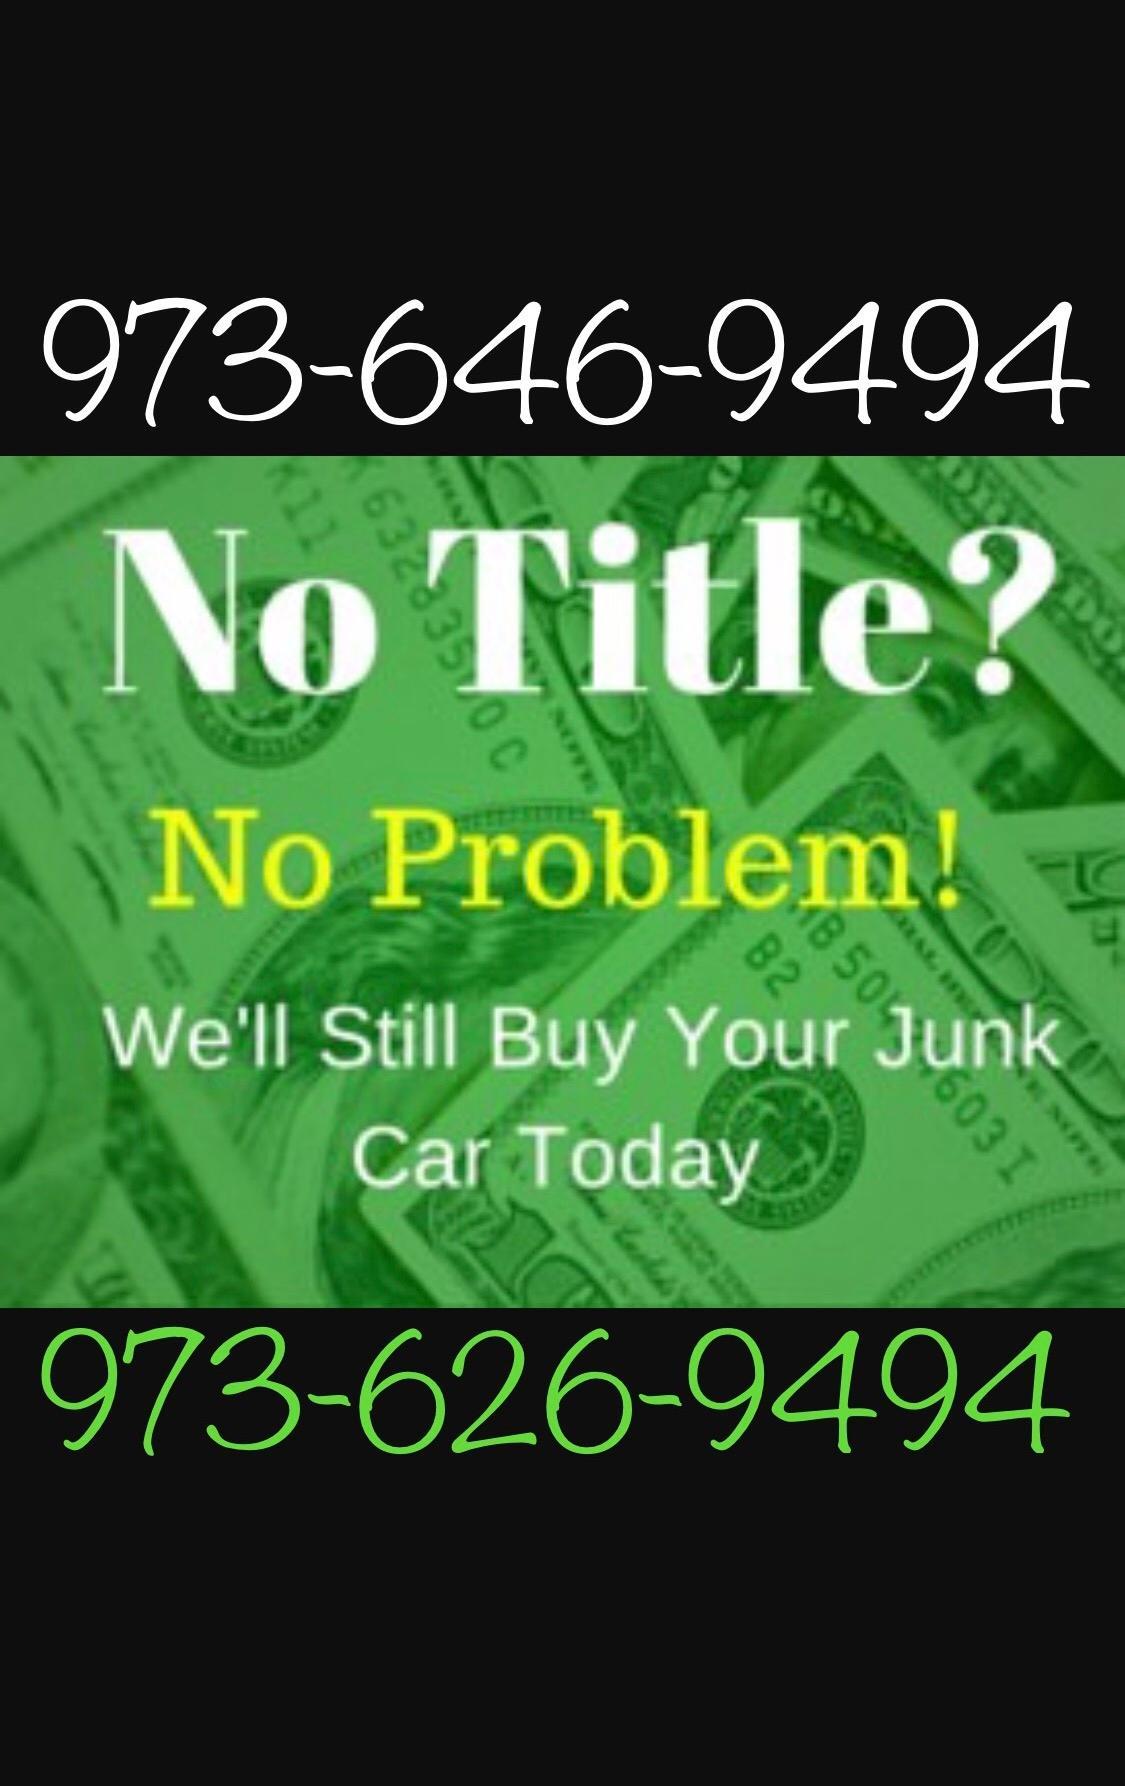 Cash For Junk Cars NJ - Newark, NJ 07104 - (973)626-9494 | ShowMeLocal.com